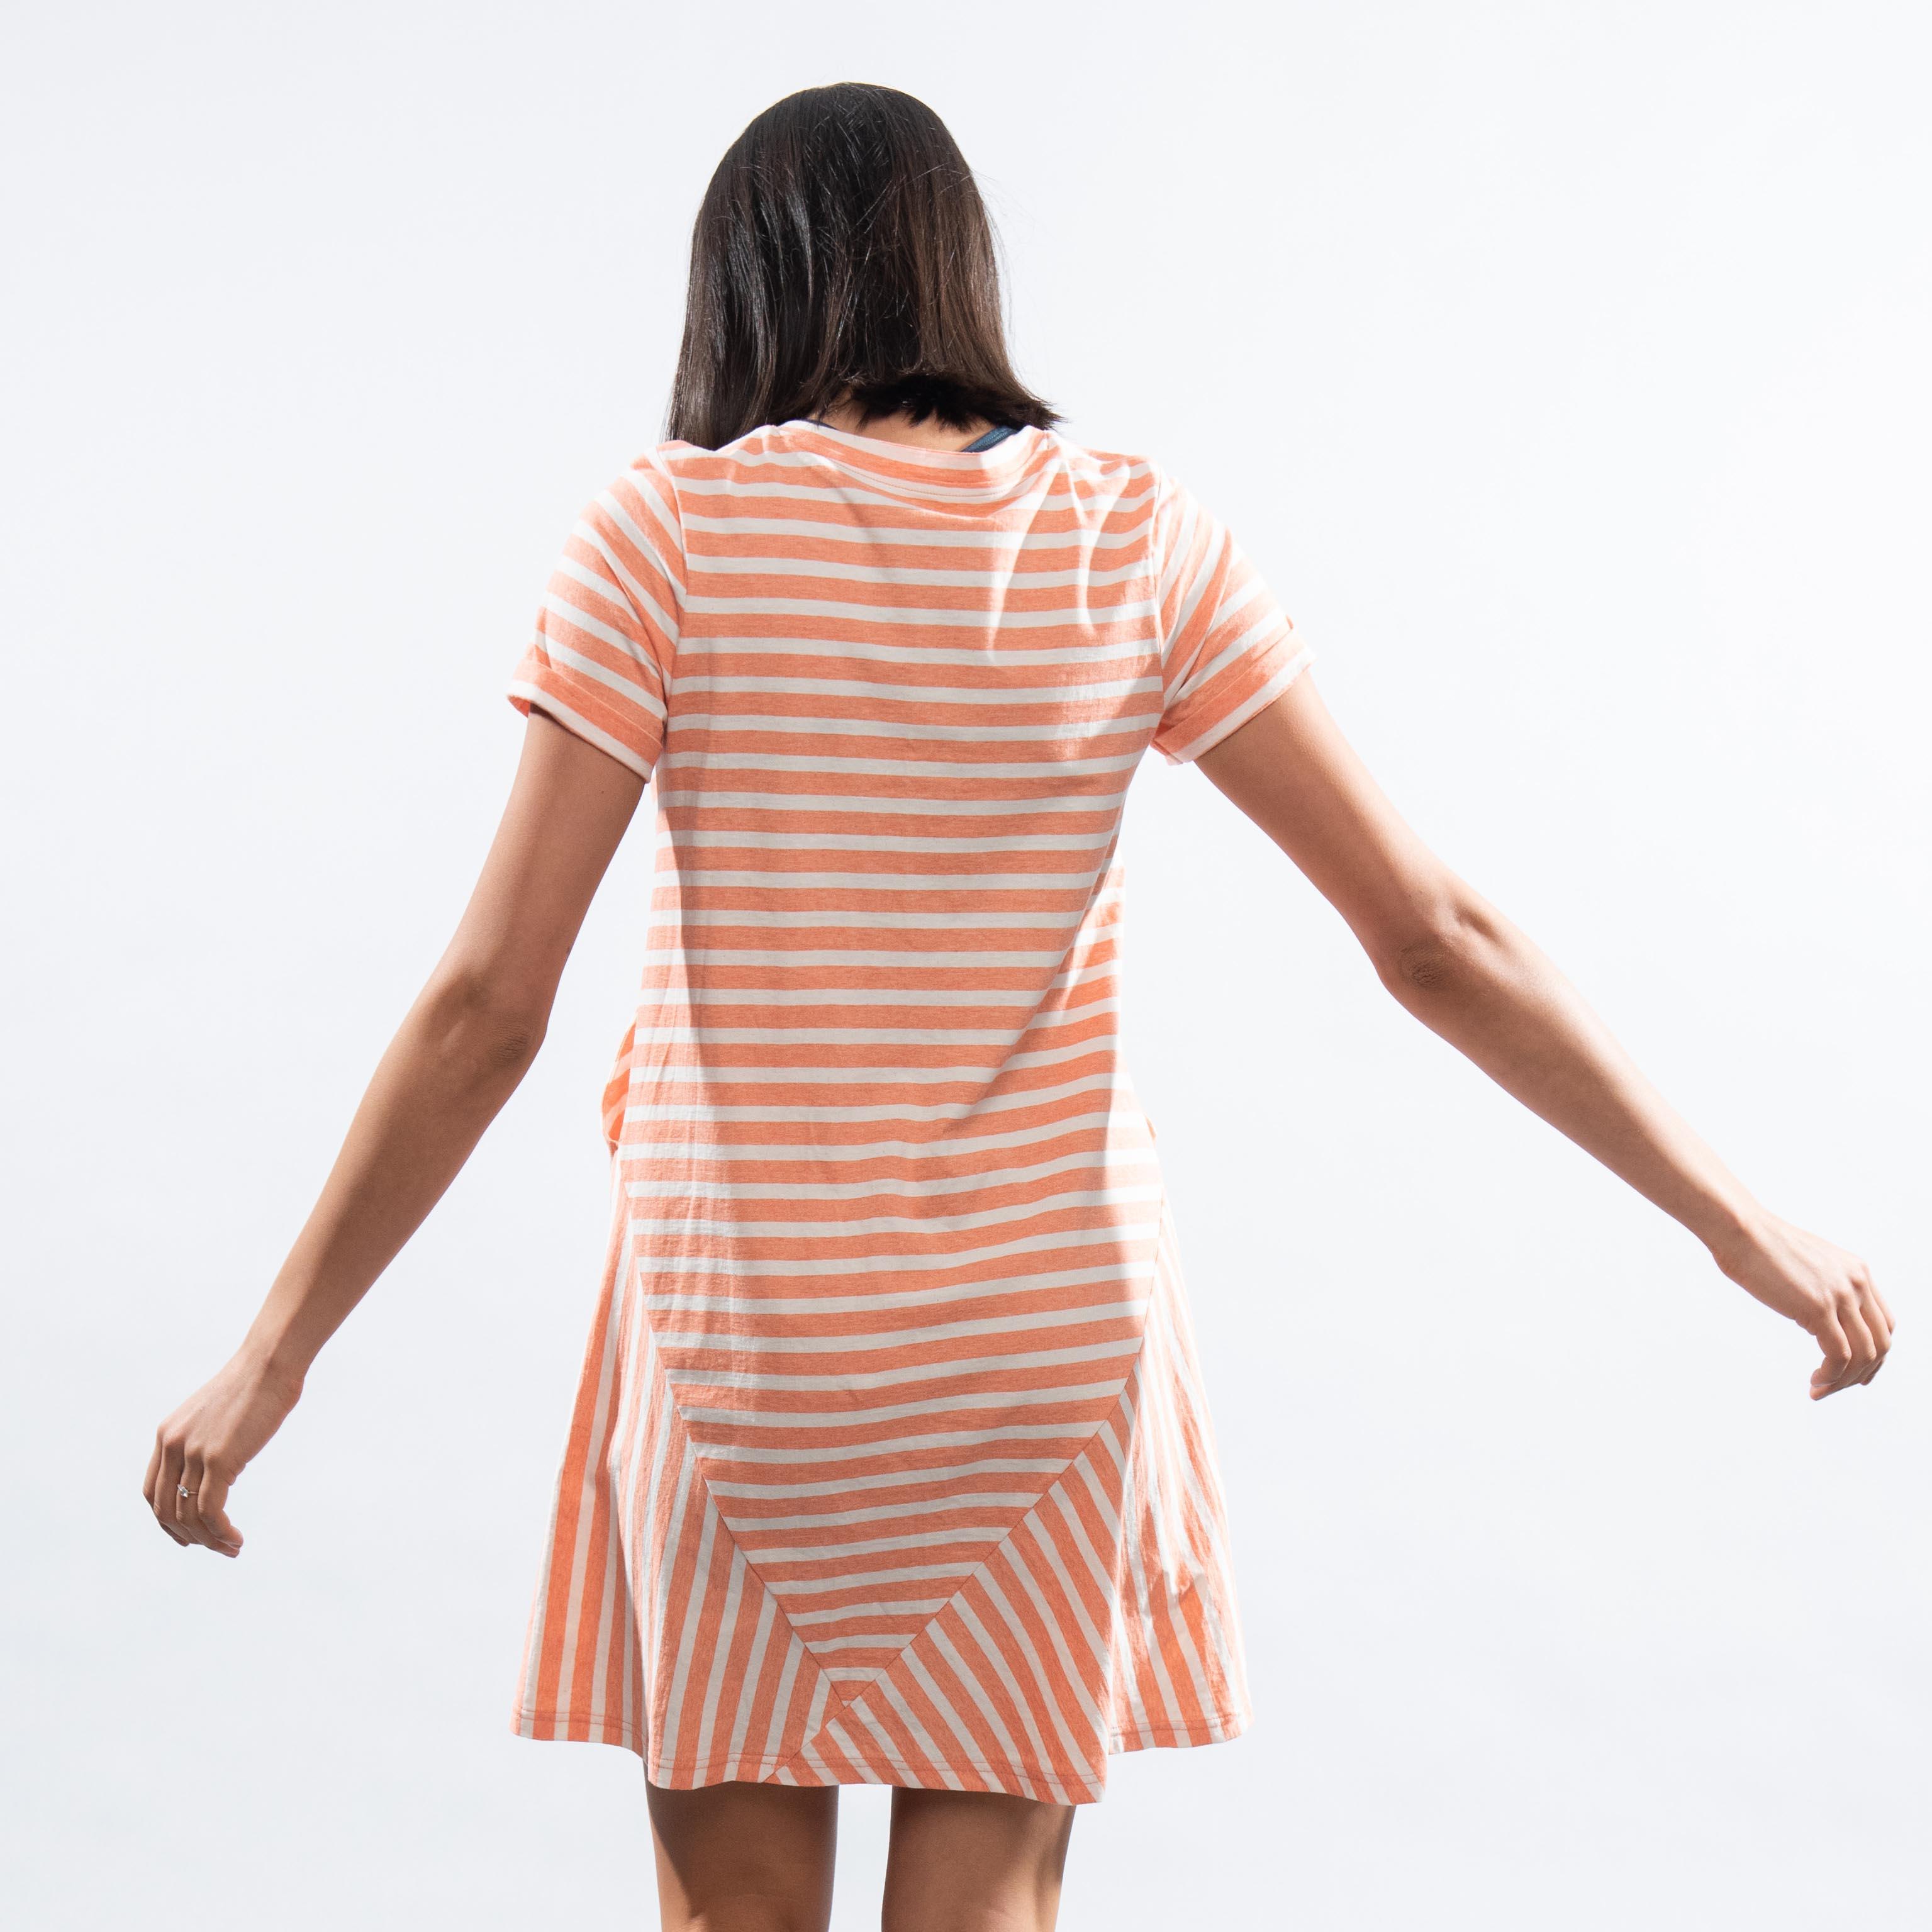 Oslo Re-Cotton Dress